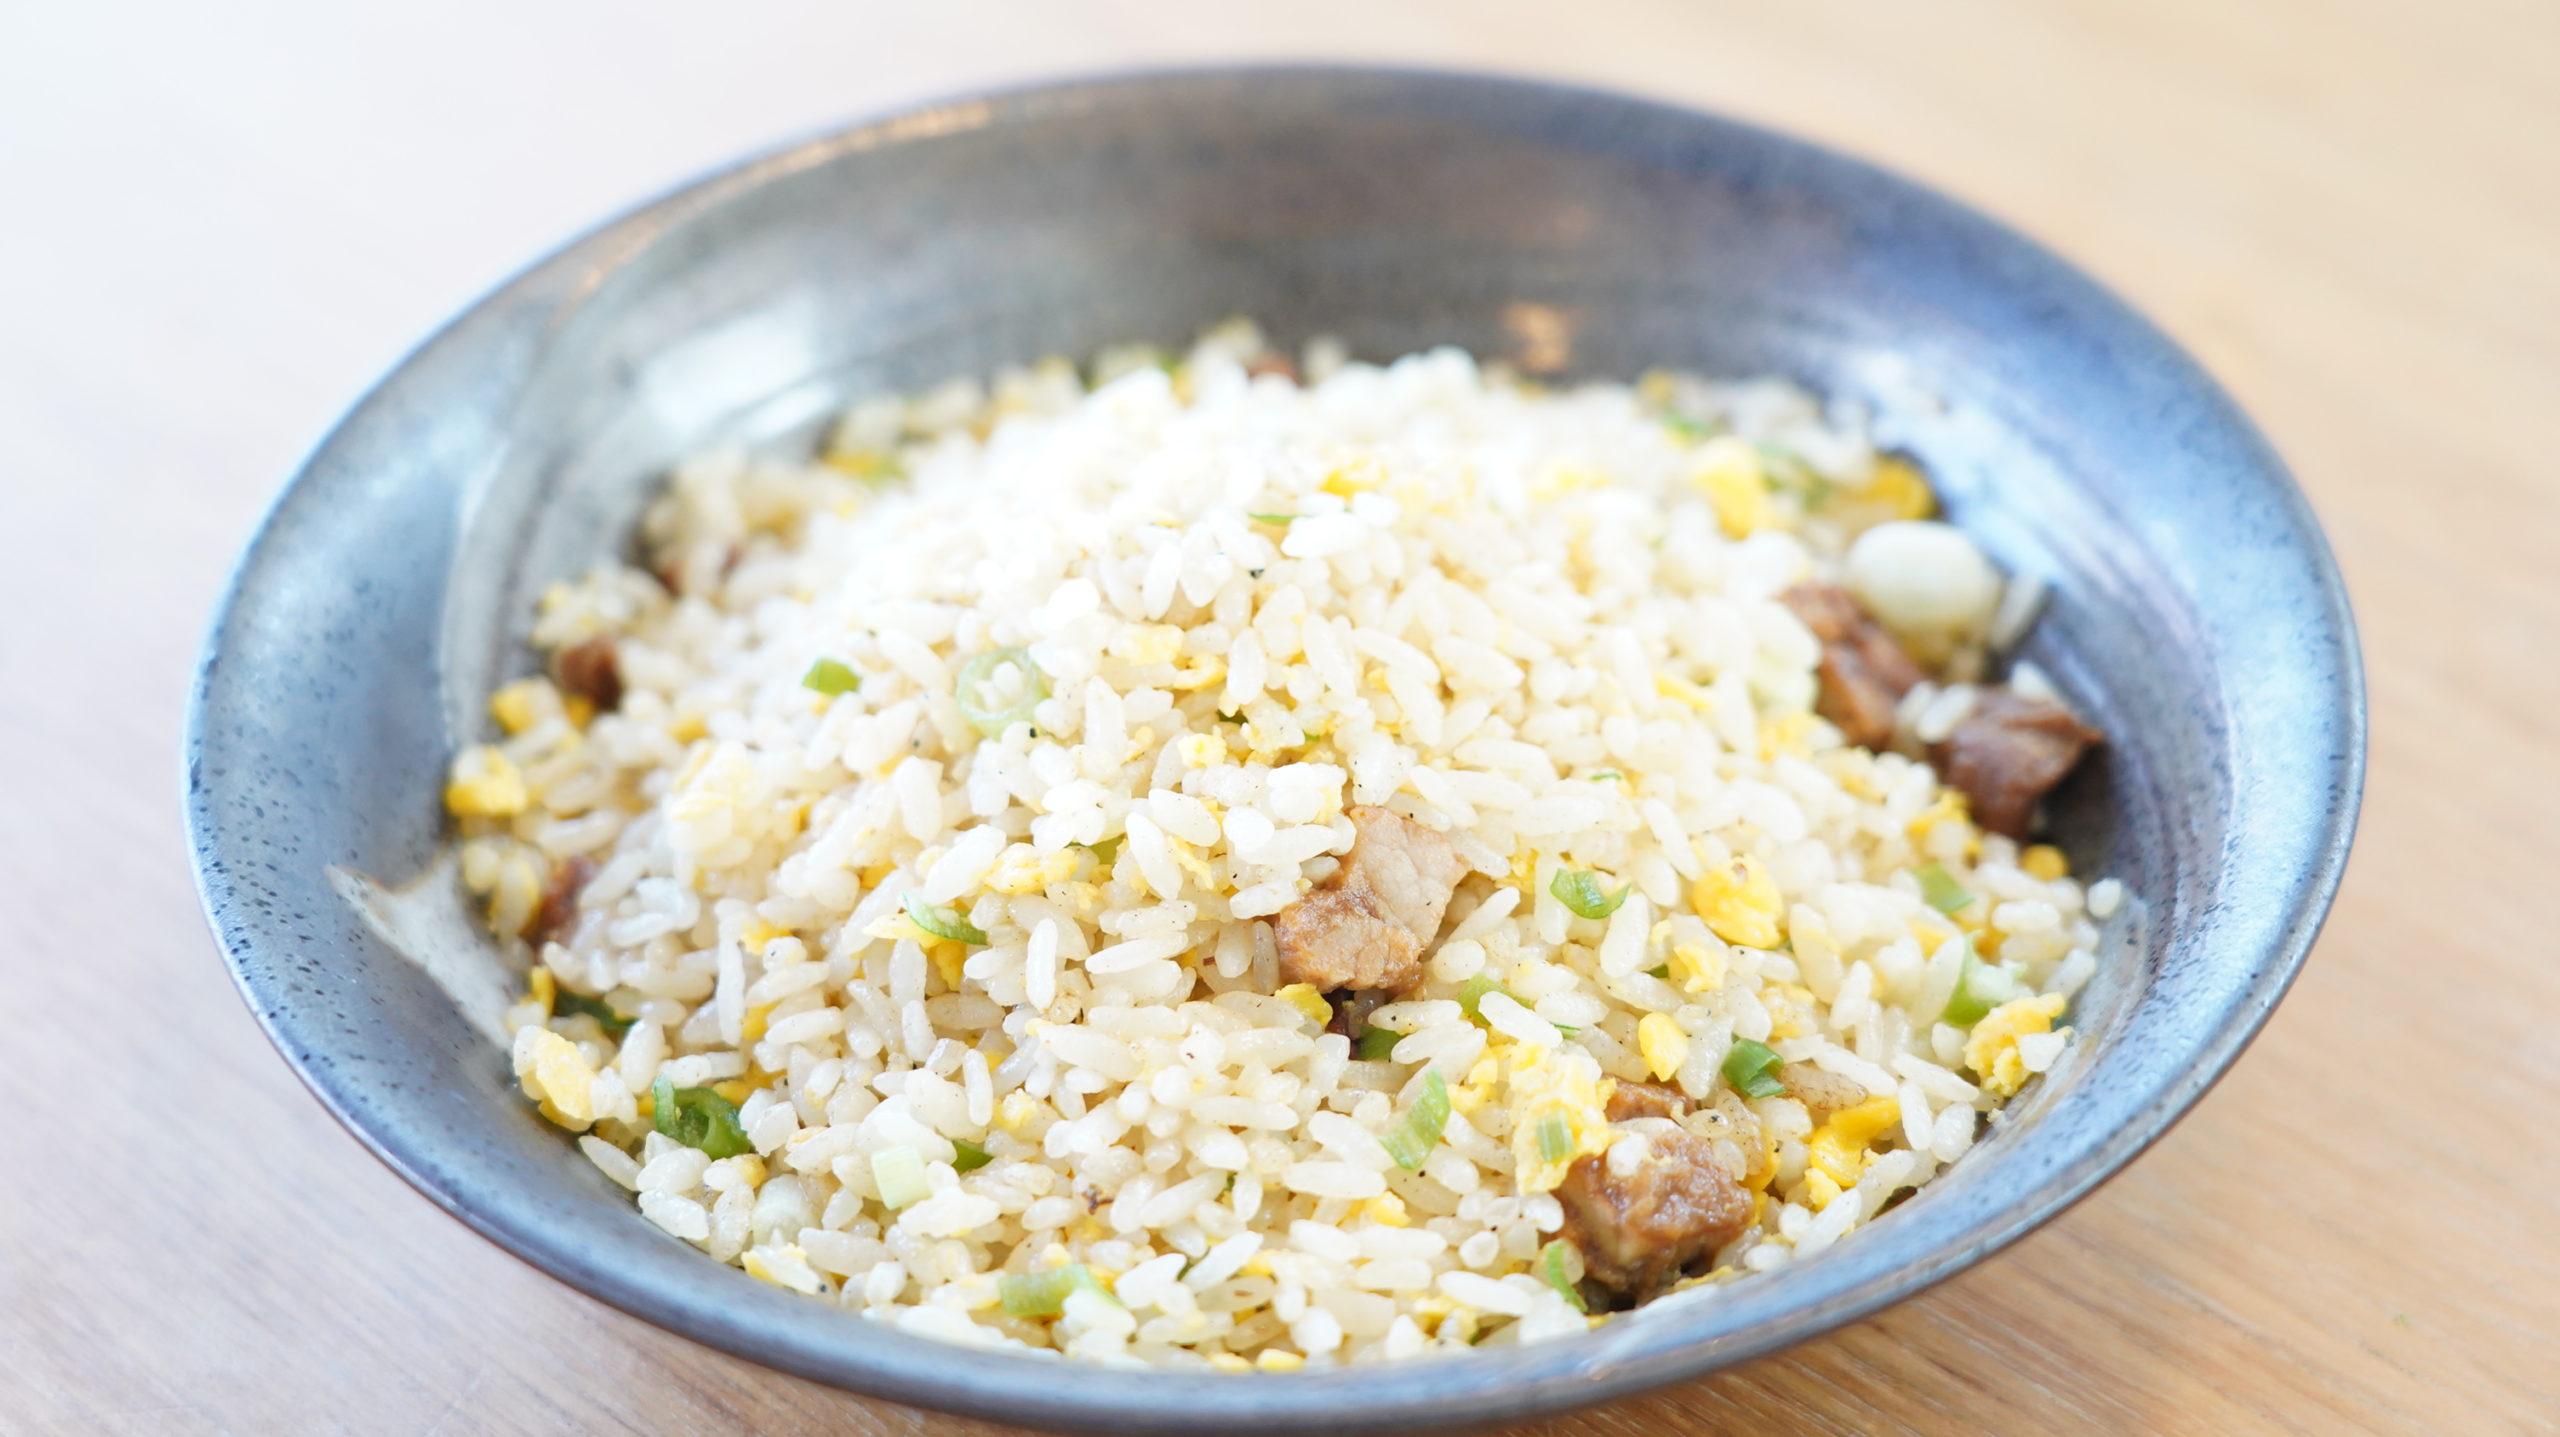 味の素の冷凍食品「焦がしにんにくのマー油と葱油が香るザ★チャーハン」が完成した様子の写真